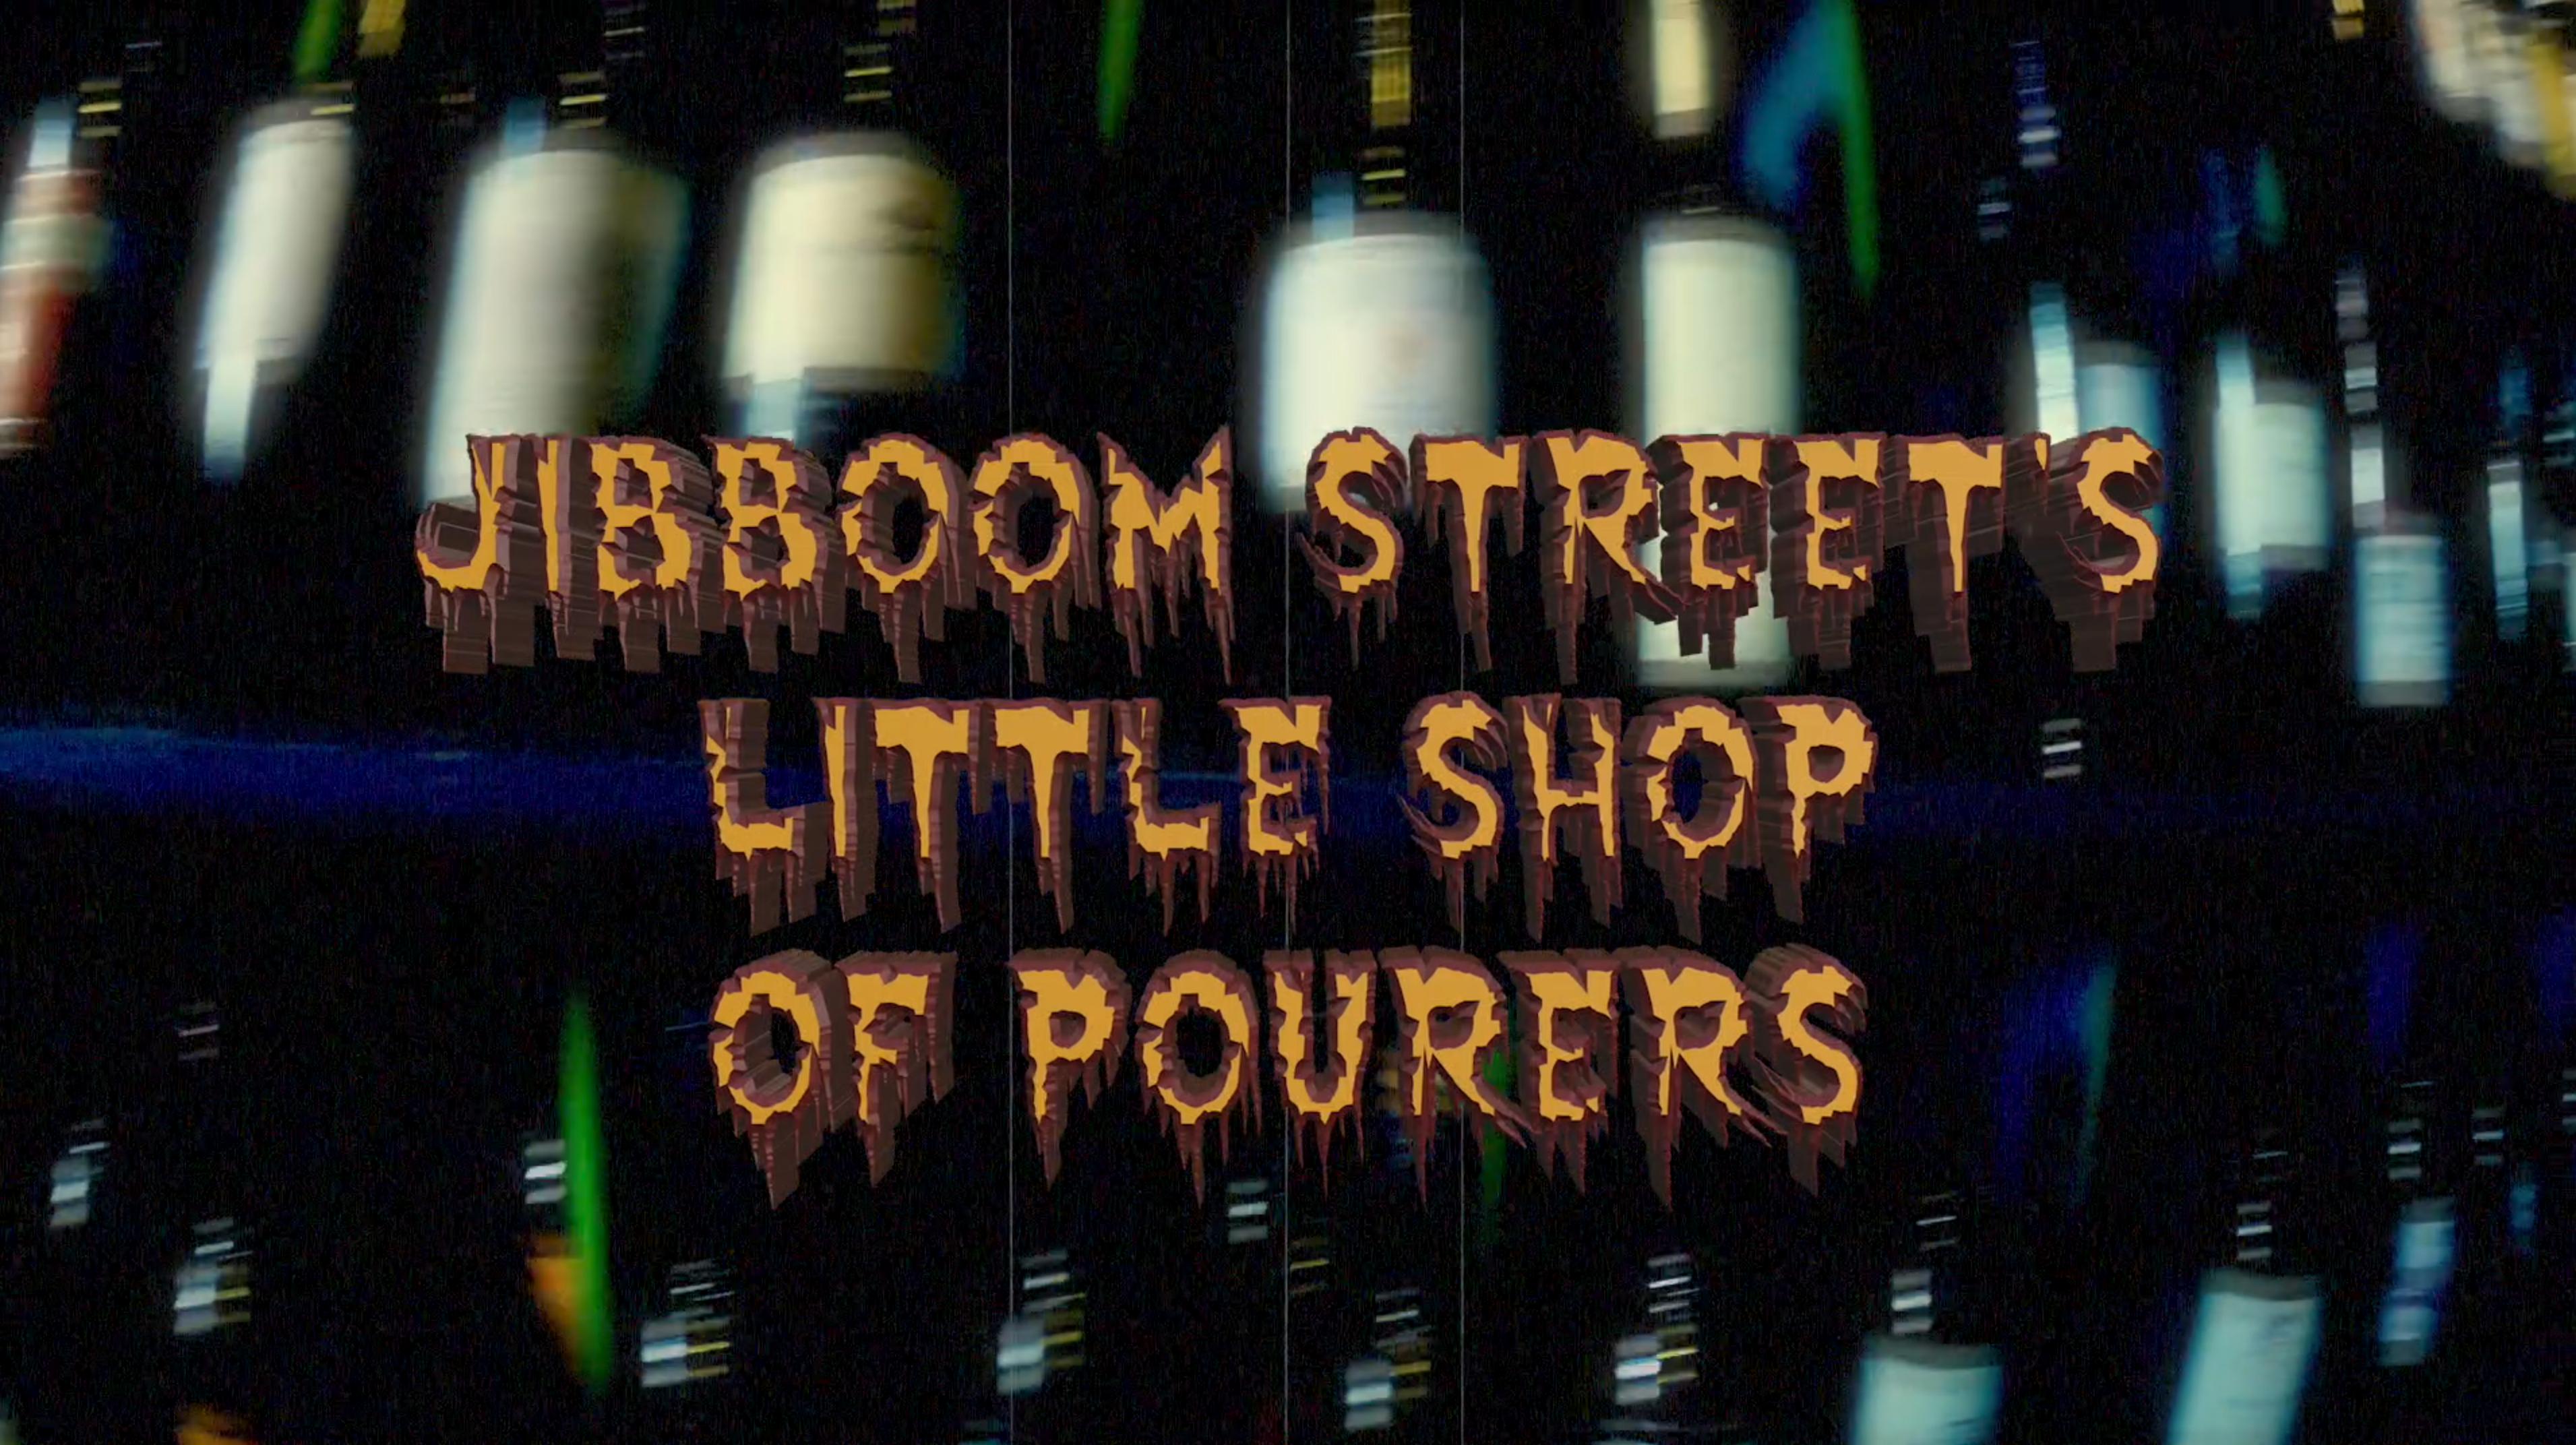 Little Shop of Pourers